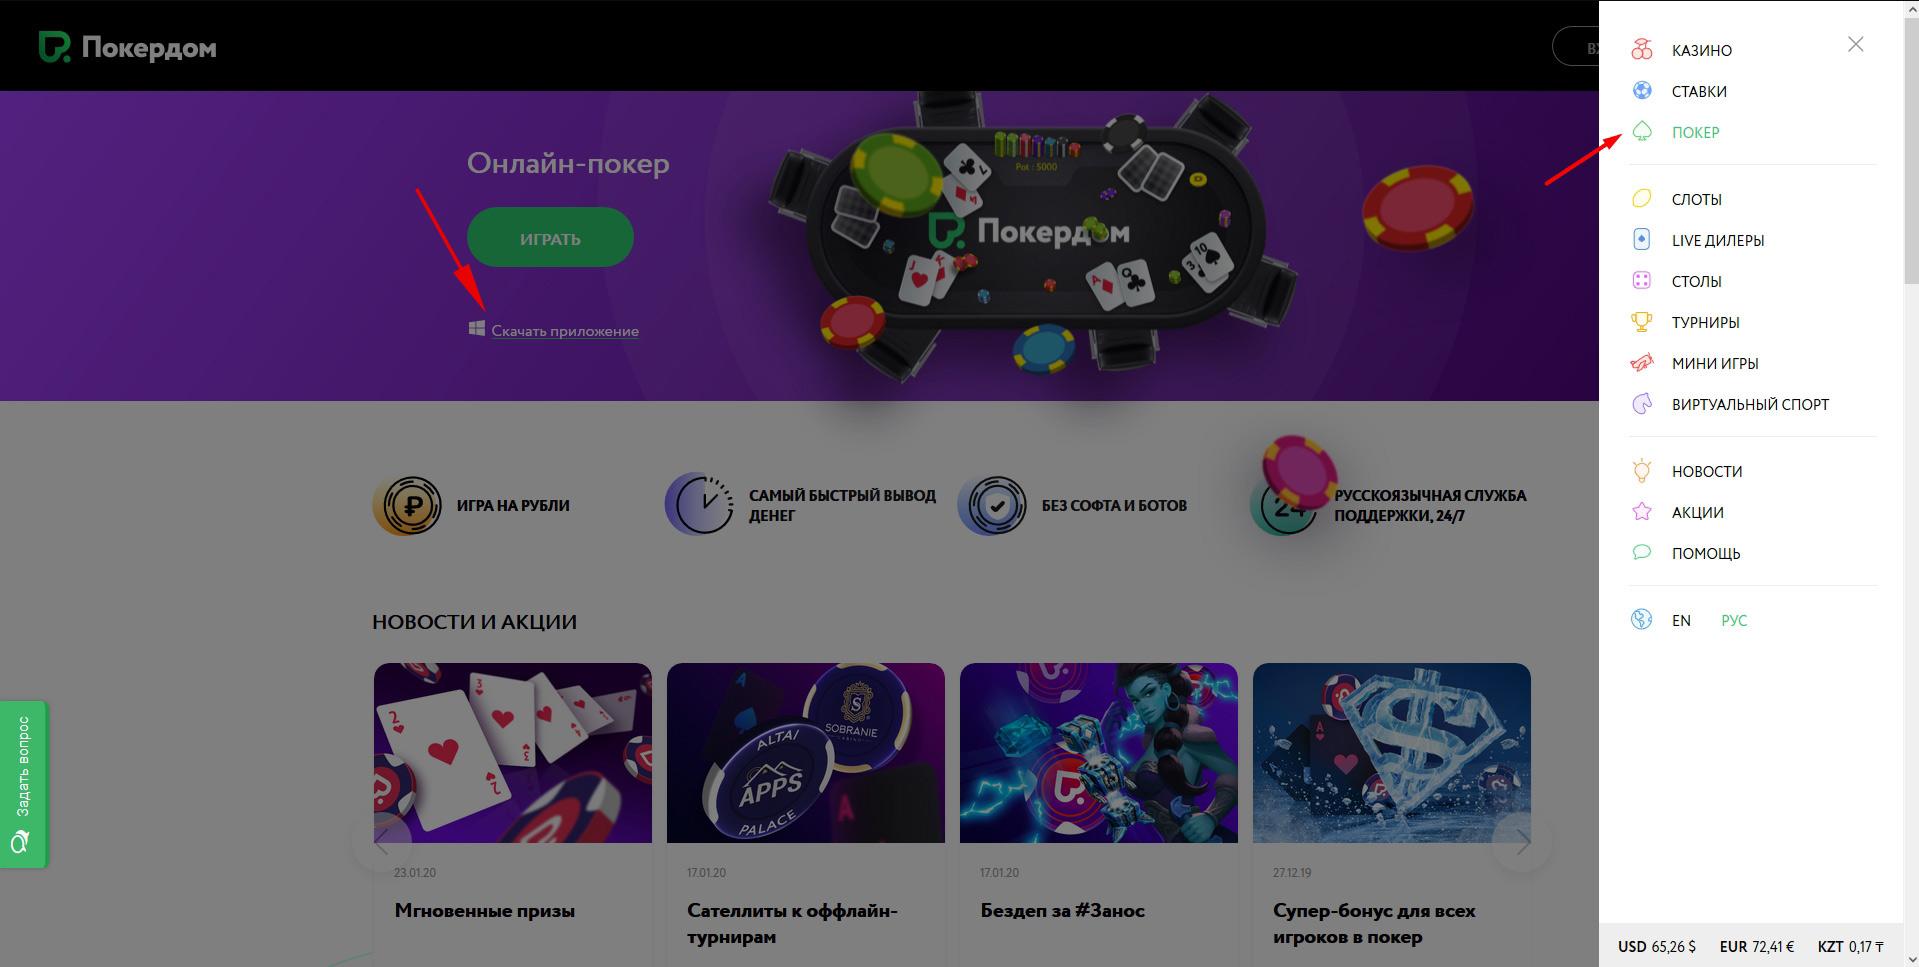 Раздел Покер на официальном сайте Покердом.